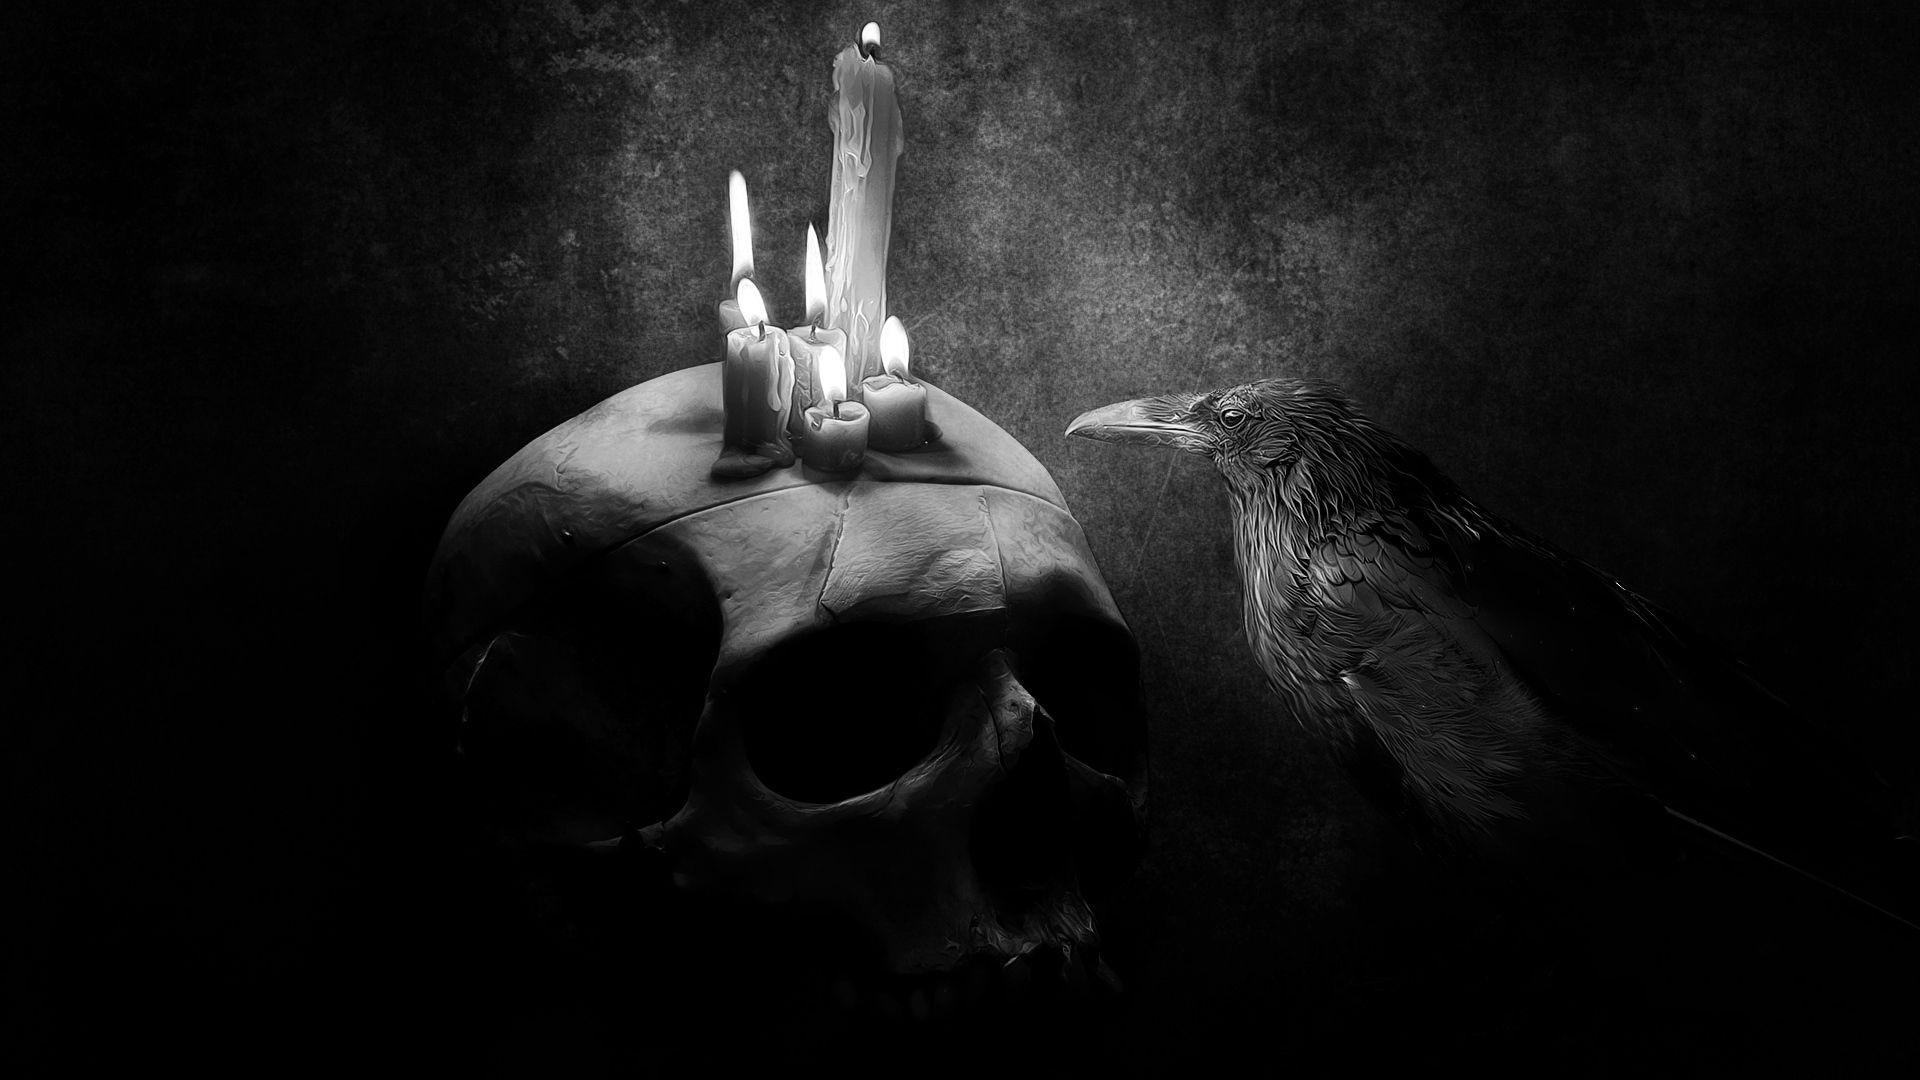 手機的150362屏保和壁紙黑暗。 免費下載 黑暗的, 黑暗, 乌鸦, 鸟, 图片, 图 10, 颅骨, 骷髅, 蜡烛 圖片